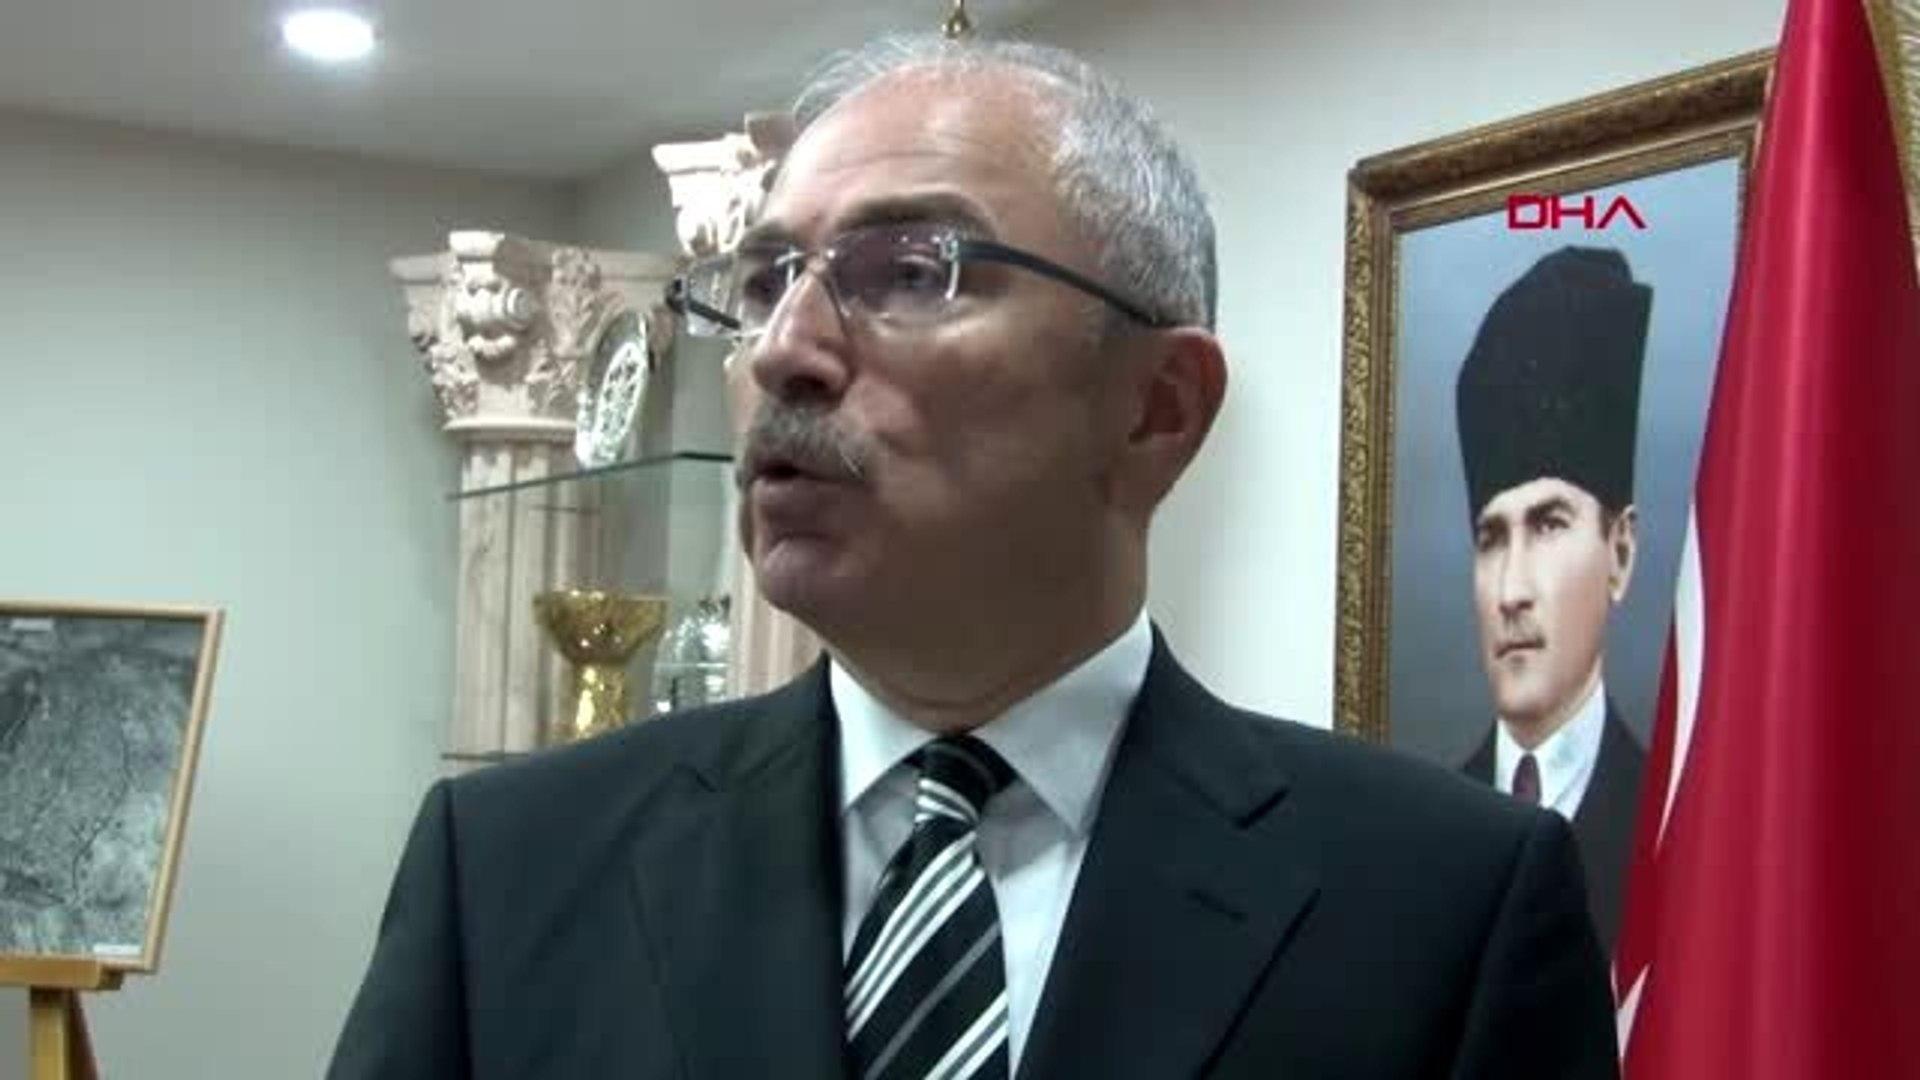 Mardin valisi yaman hiçbir dönemimizde kişiye özel yüksek meblağlı bir hediye verilmemiştir